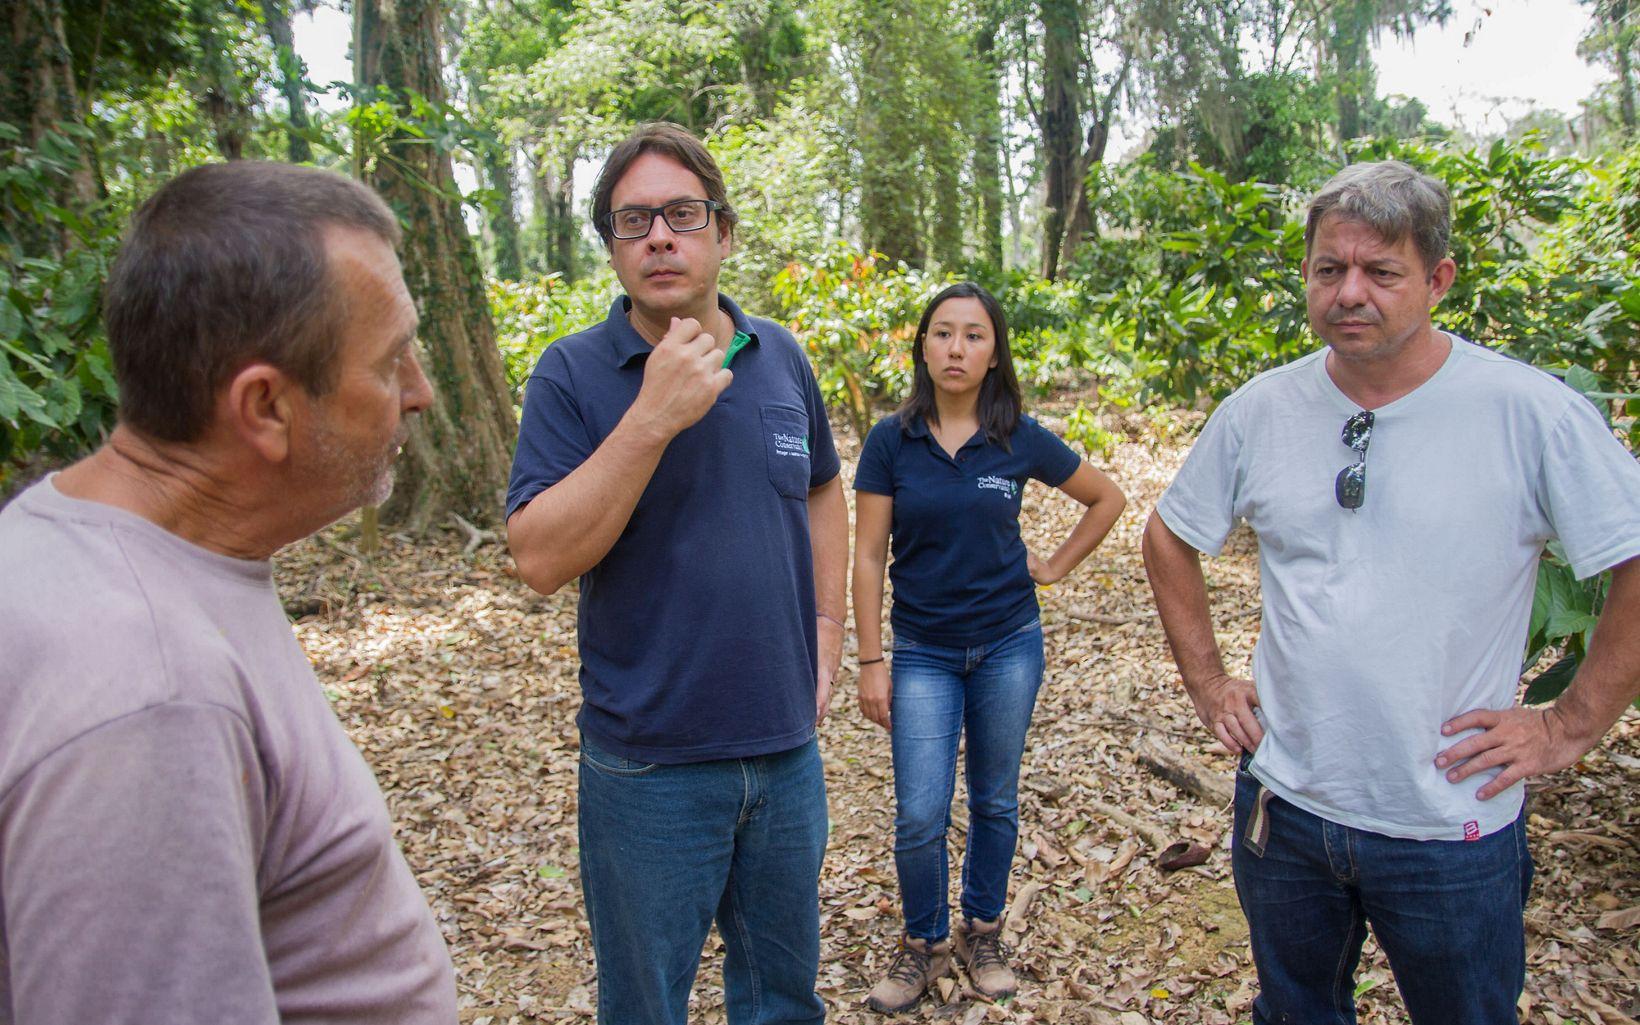 Rubens Benini, Gerente de Restauração, e Vanessa Girão, Especialista em Restauração, com parceiros da TNC Brasil no Programa Reflorestar, no Espírito Santo.